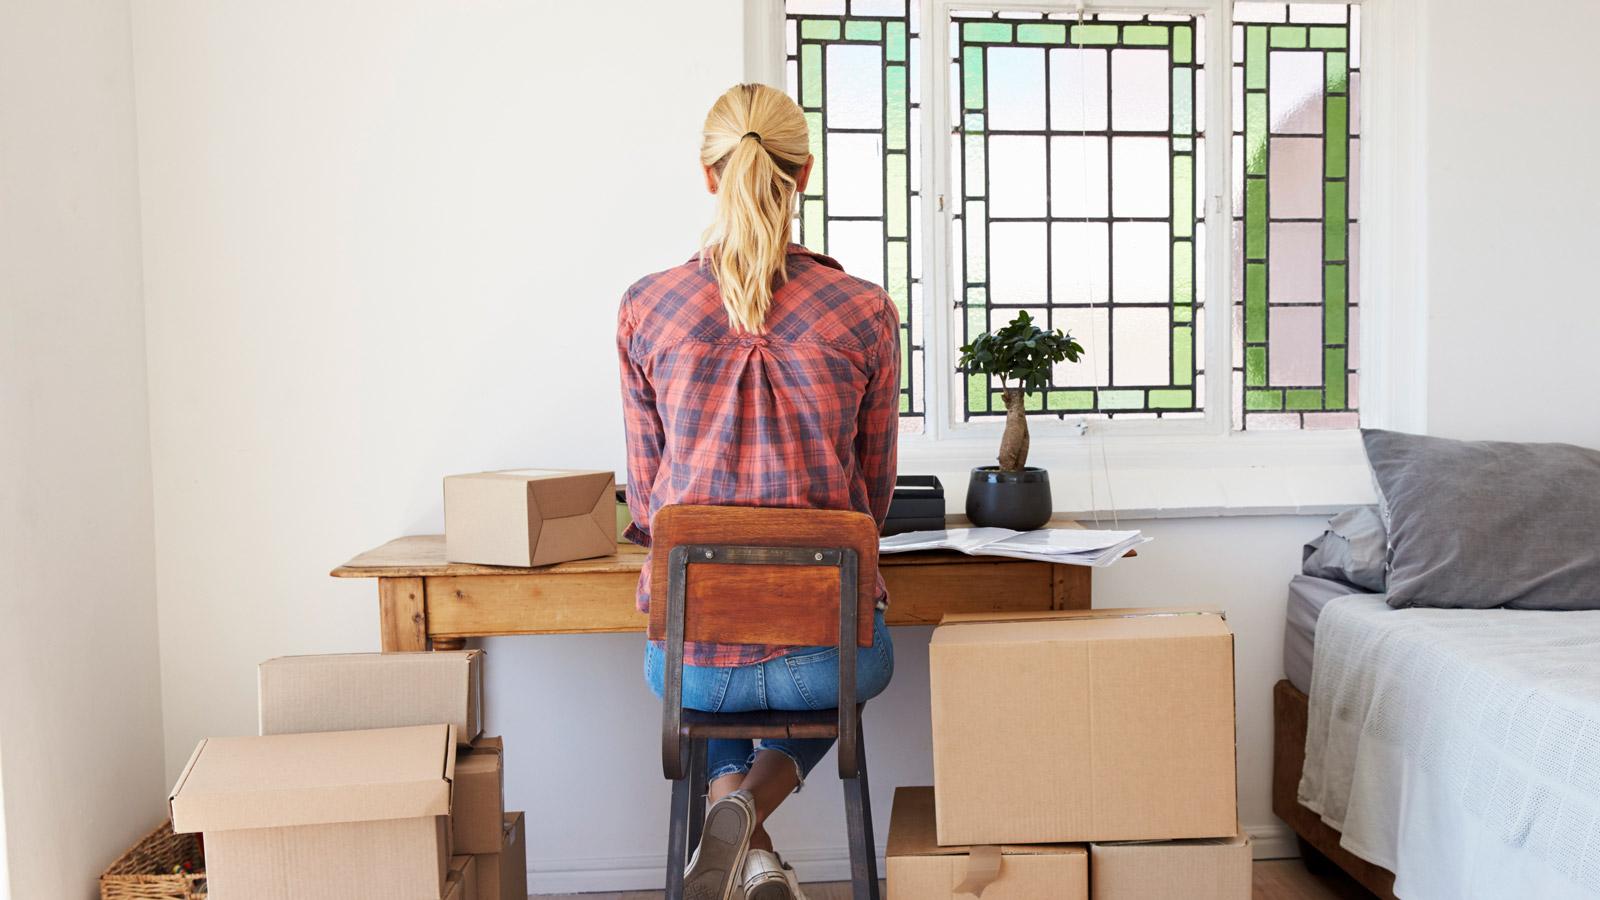 Praca zdalna: szansa czy zagrożenie? Ludzie mediarun praca zdalna dom ludzie 2020